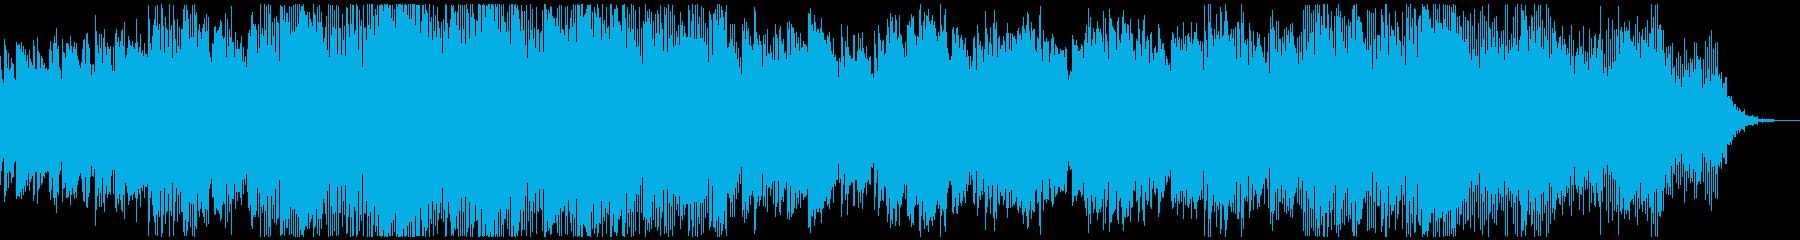 ワールドミュージック調チルアウトBGMの再生済みの波形